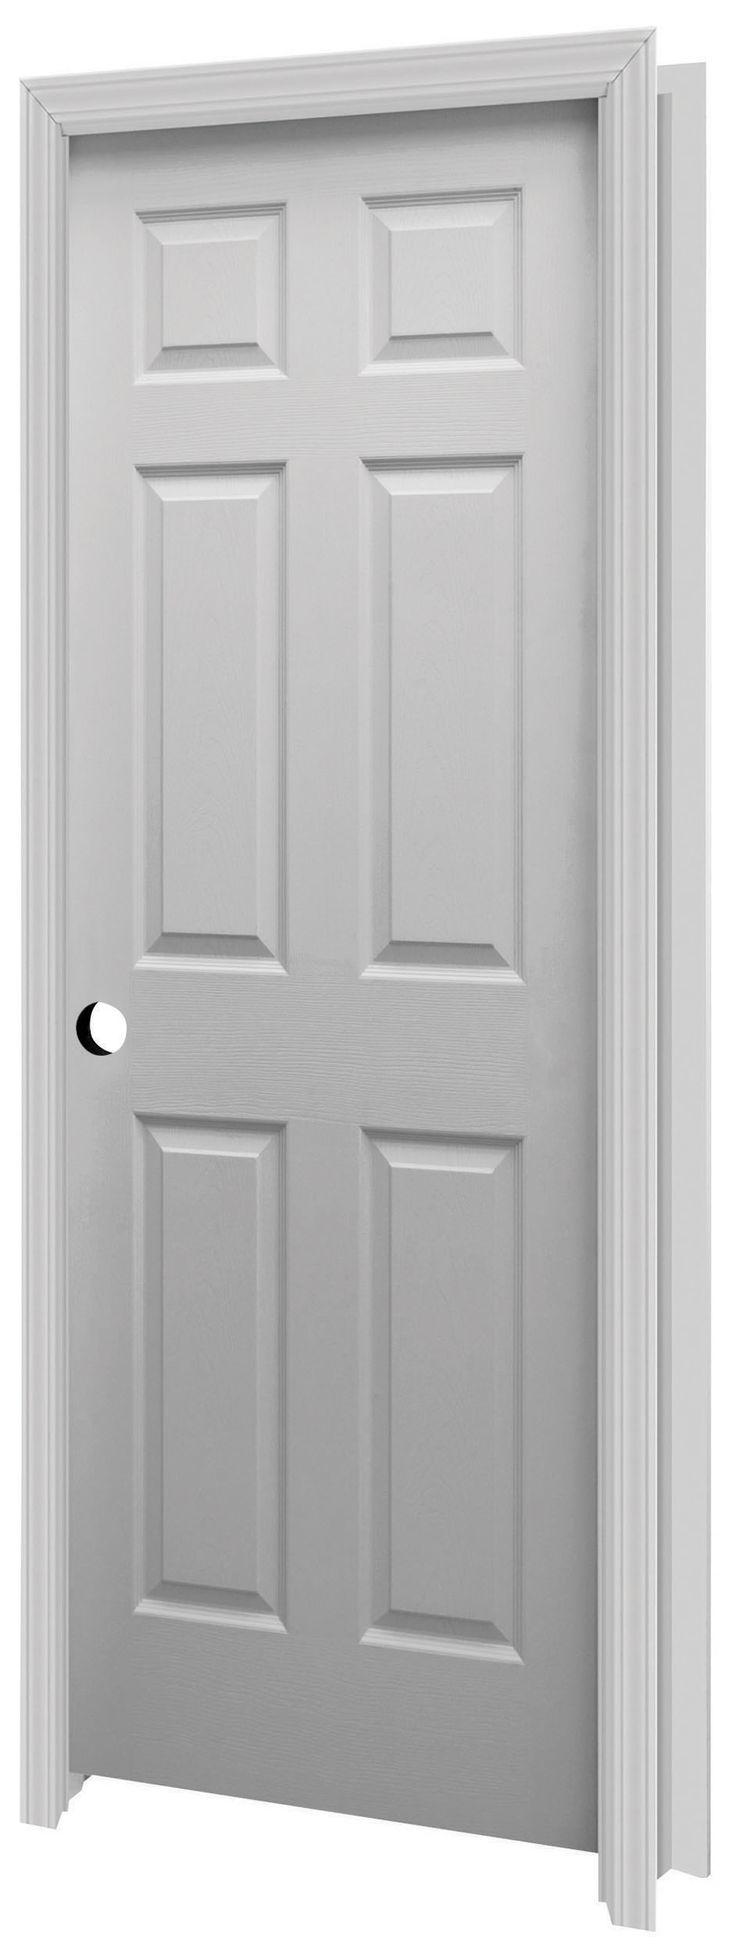 41 Best Interior Doors Images On Pinterest Indoor Gates